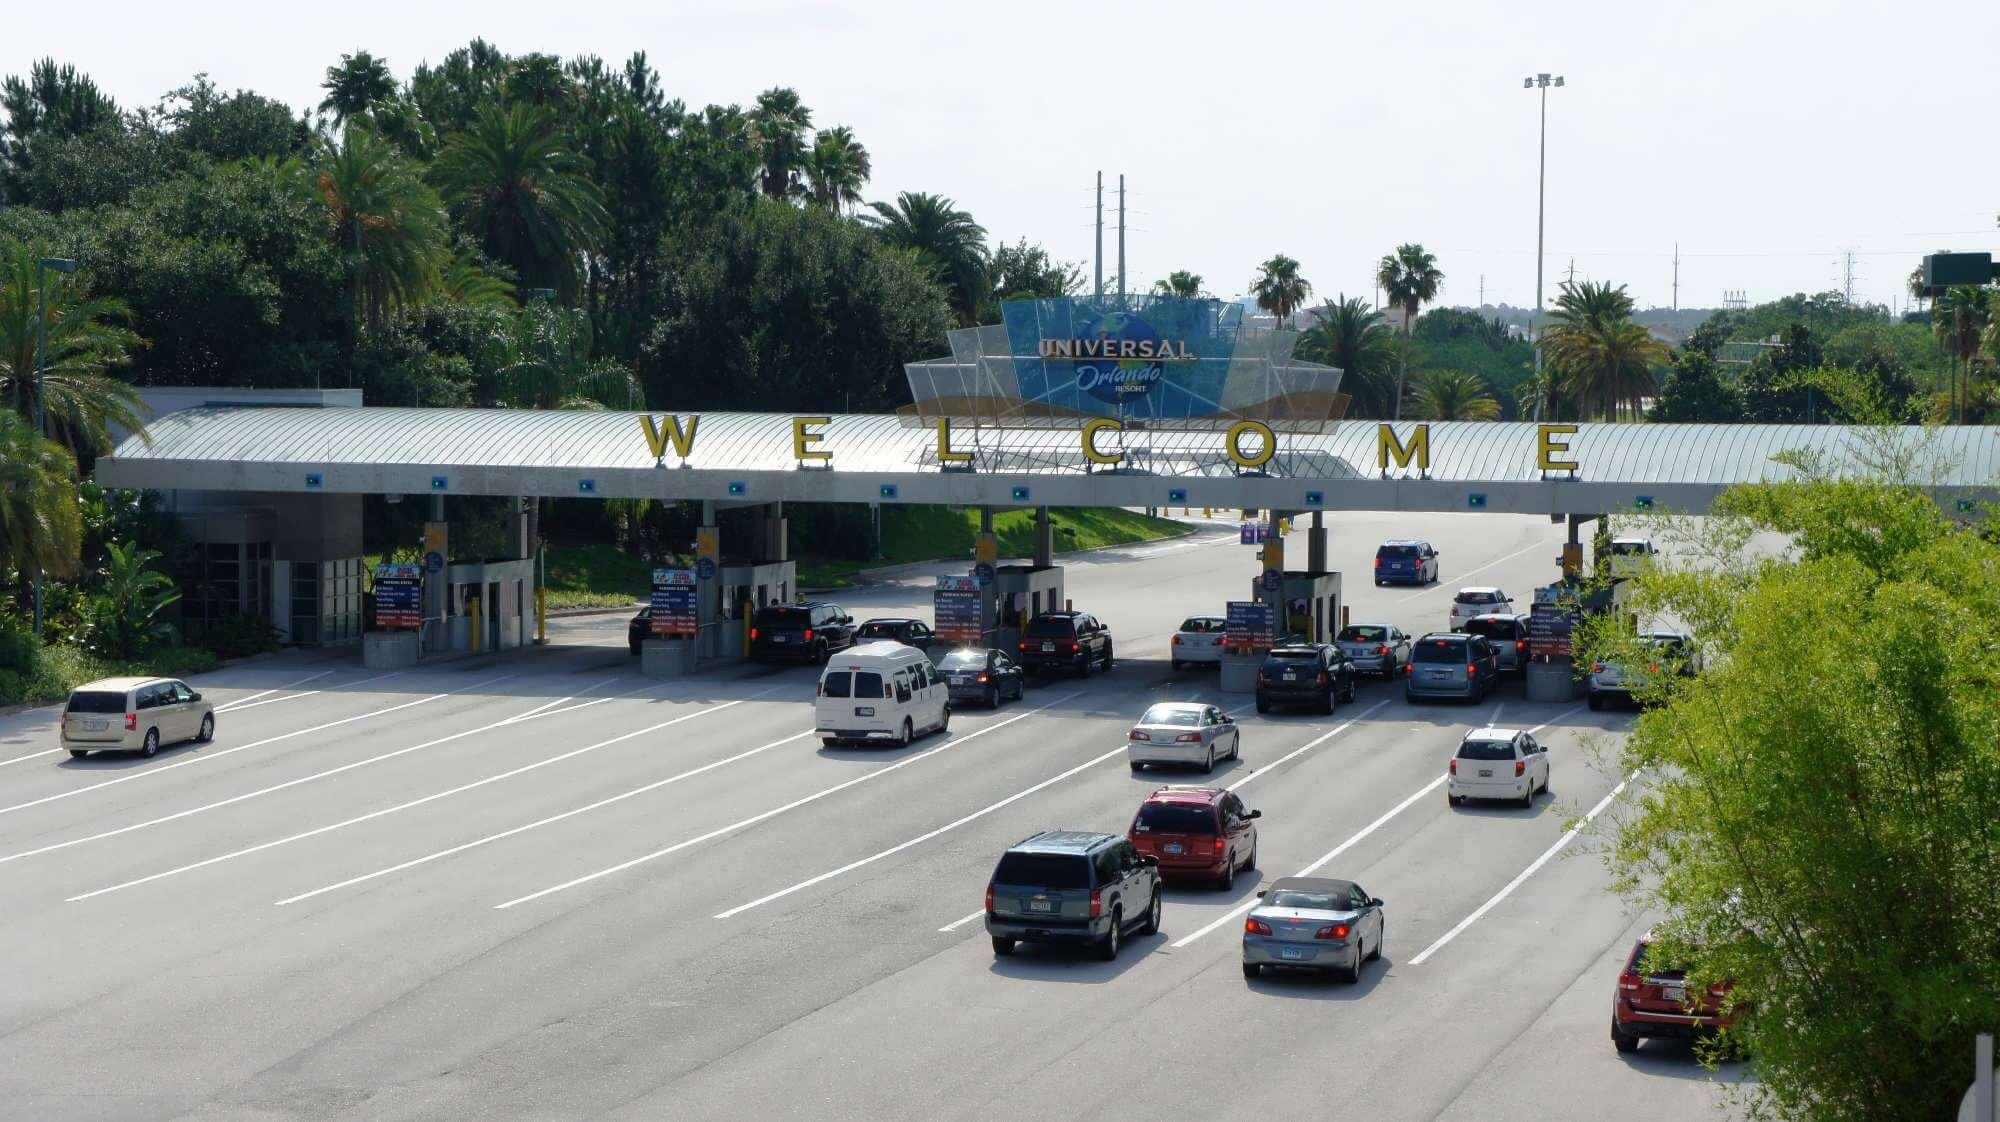 Estacionamentos dos parques em Orlando: estacionamento do parque Universal